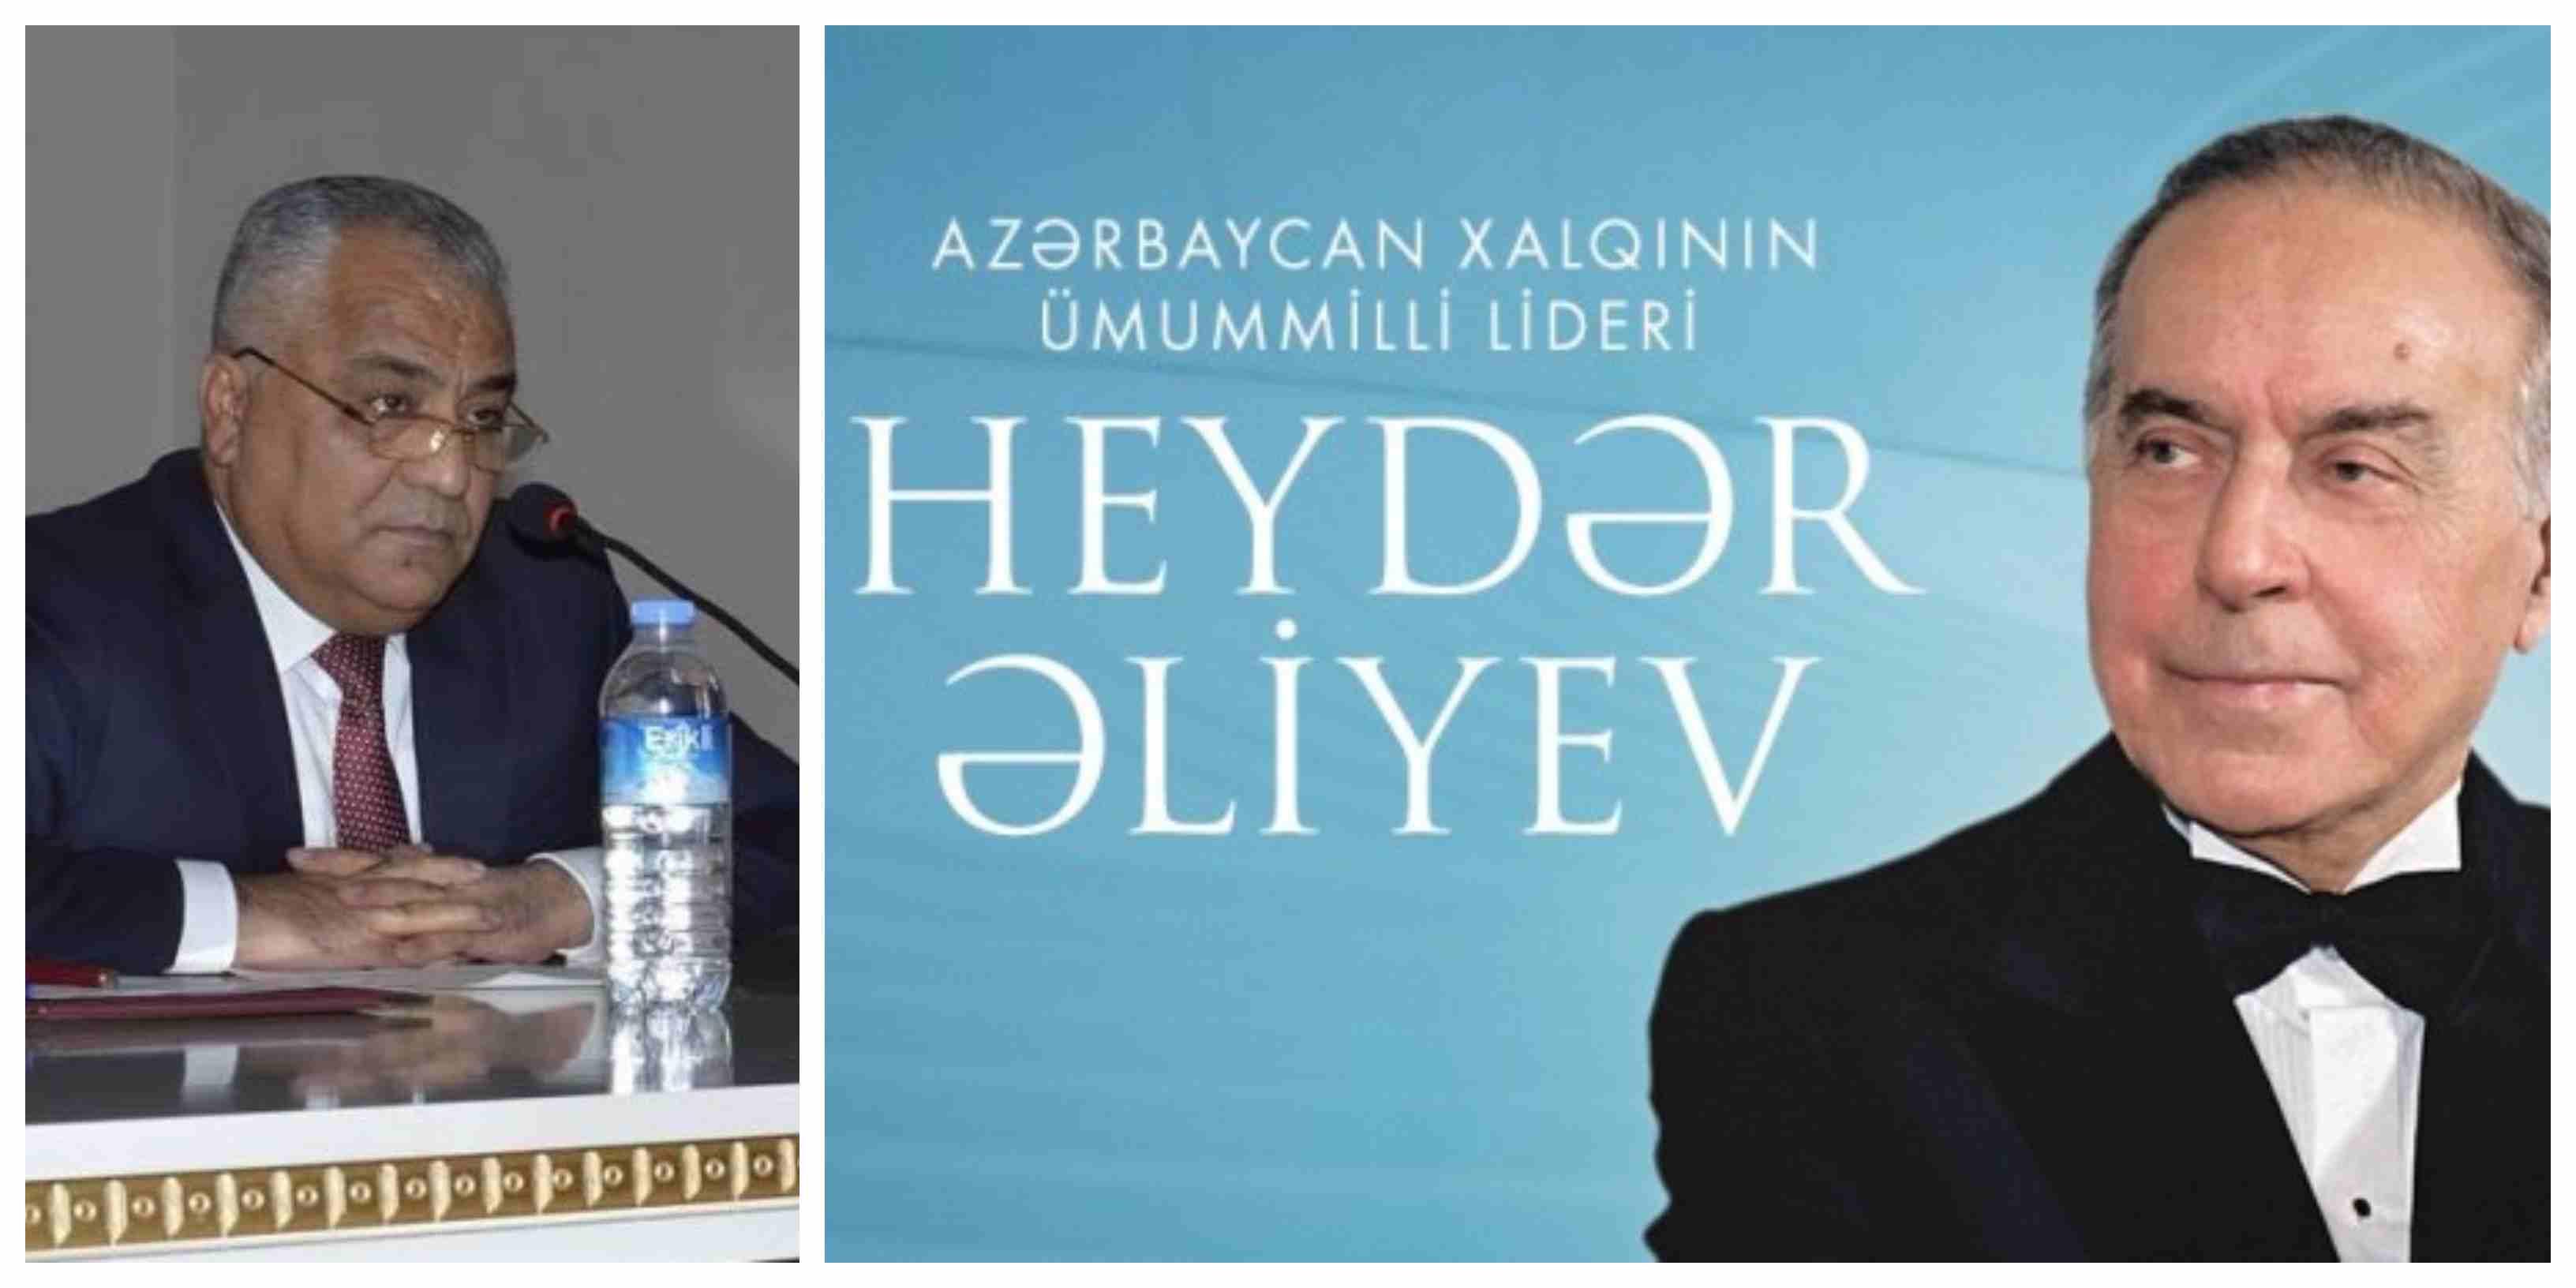 Ziyəddin Əliyev: Azərbaycan—Heydər Əliyev əsrlər boyu qoşa səslənəcəkdir